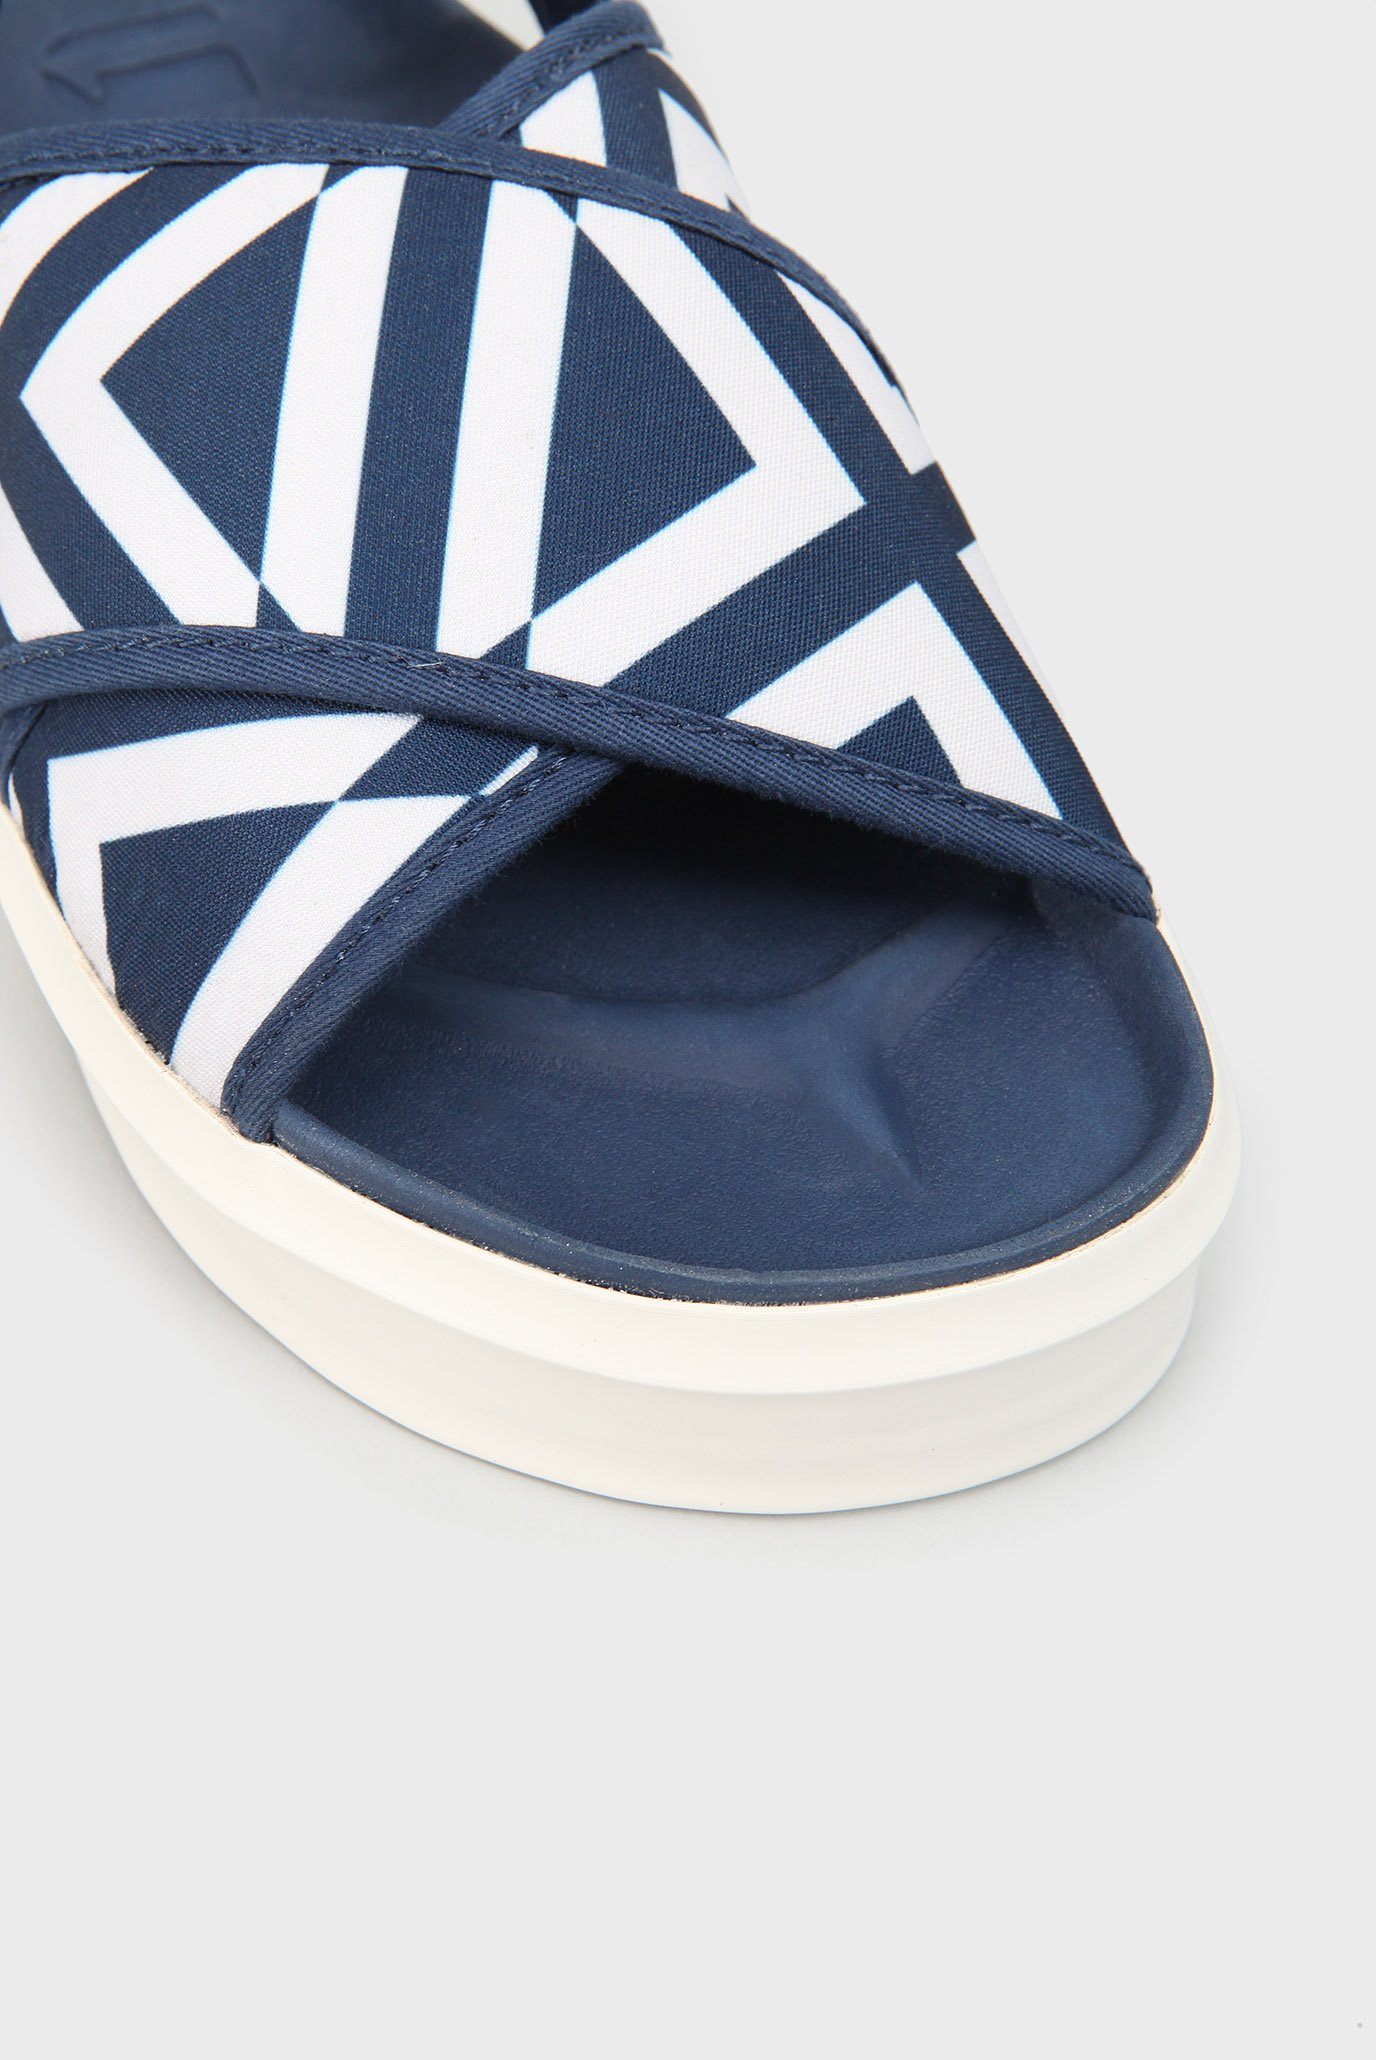 Купить Женские синие сандалии G-Star RAW G-Star RAW D08740,9855 – Киев, Украина. Цены в интернет магазине MD Fashion